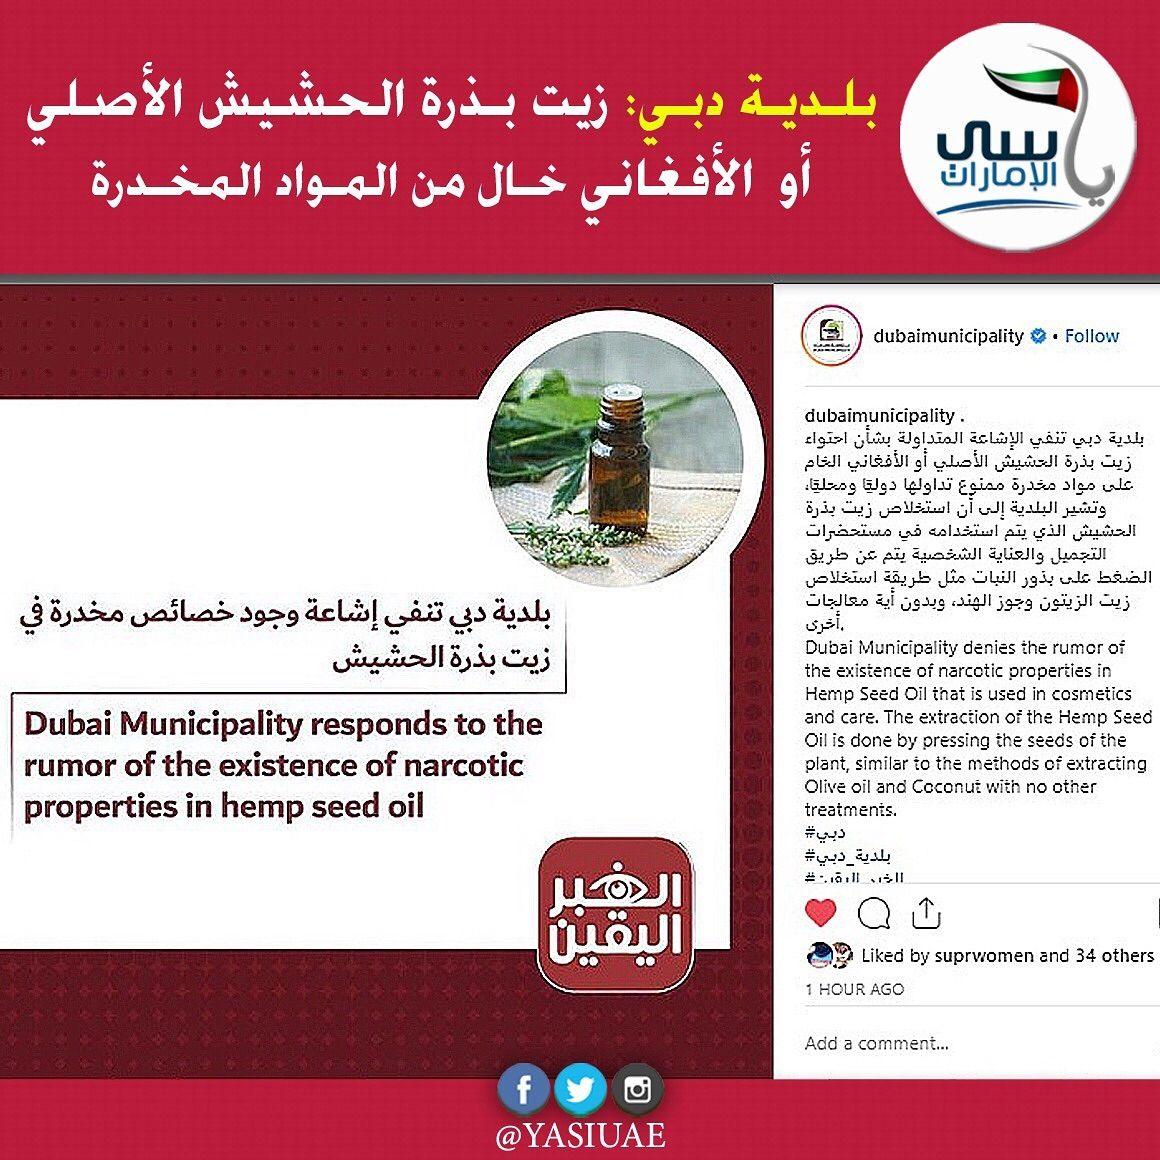 زيت الحشيش الافغاني بلدية دبي تنفي الإشاعة المتداولة بشأن احتواء زيت بذرة الحشيش الأصلي أو الأفغاني الخام على مواد مخدرة ممن Dubai Municipality Boarding Pass